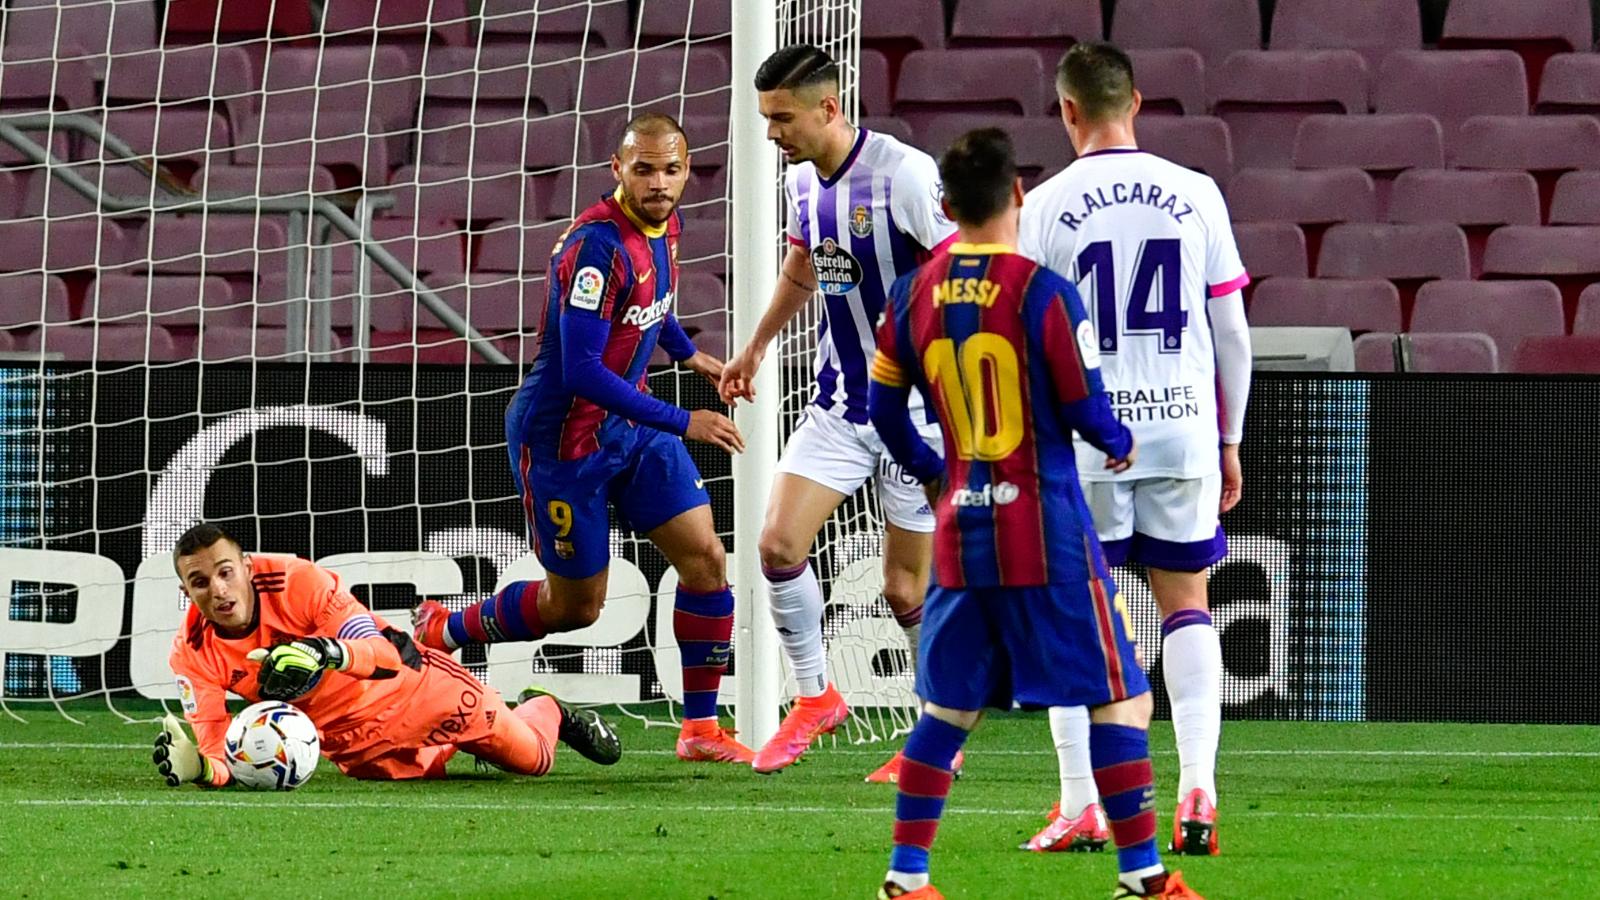 Barcelona vs. Valladolid en directo: resultado, alineaciones, polémicas,  reacciones y ruedas de prensa del partido de LaLiga | Goal.com